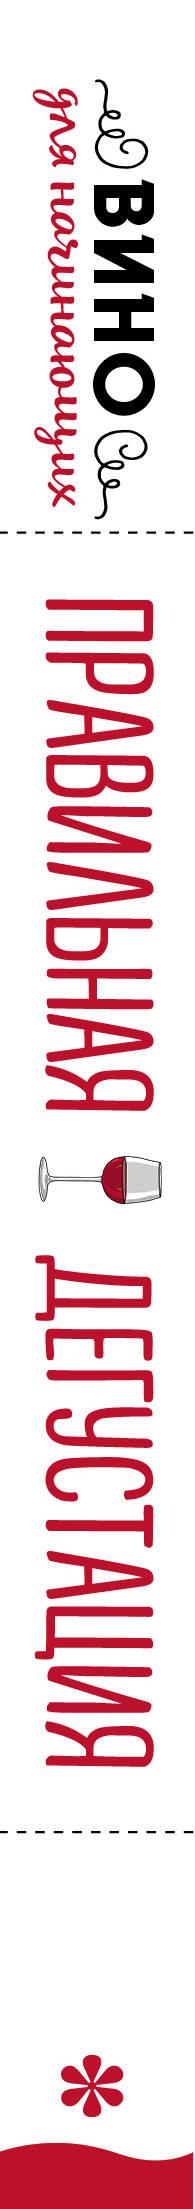 Казамайор Пьер. Вино для начинающих. Правильная дегустация 195x2209